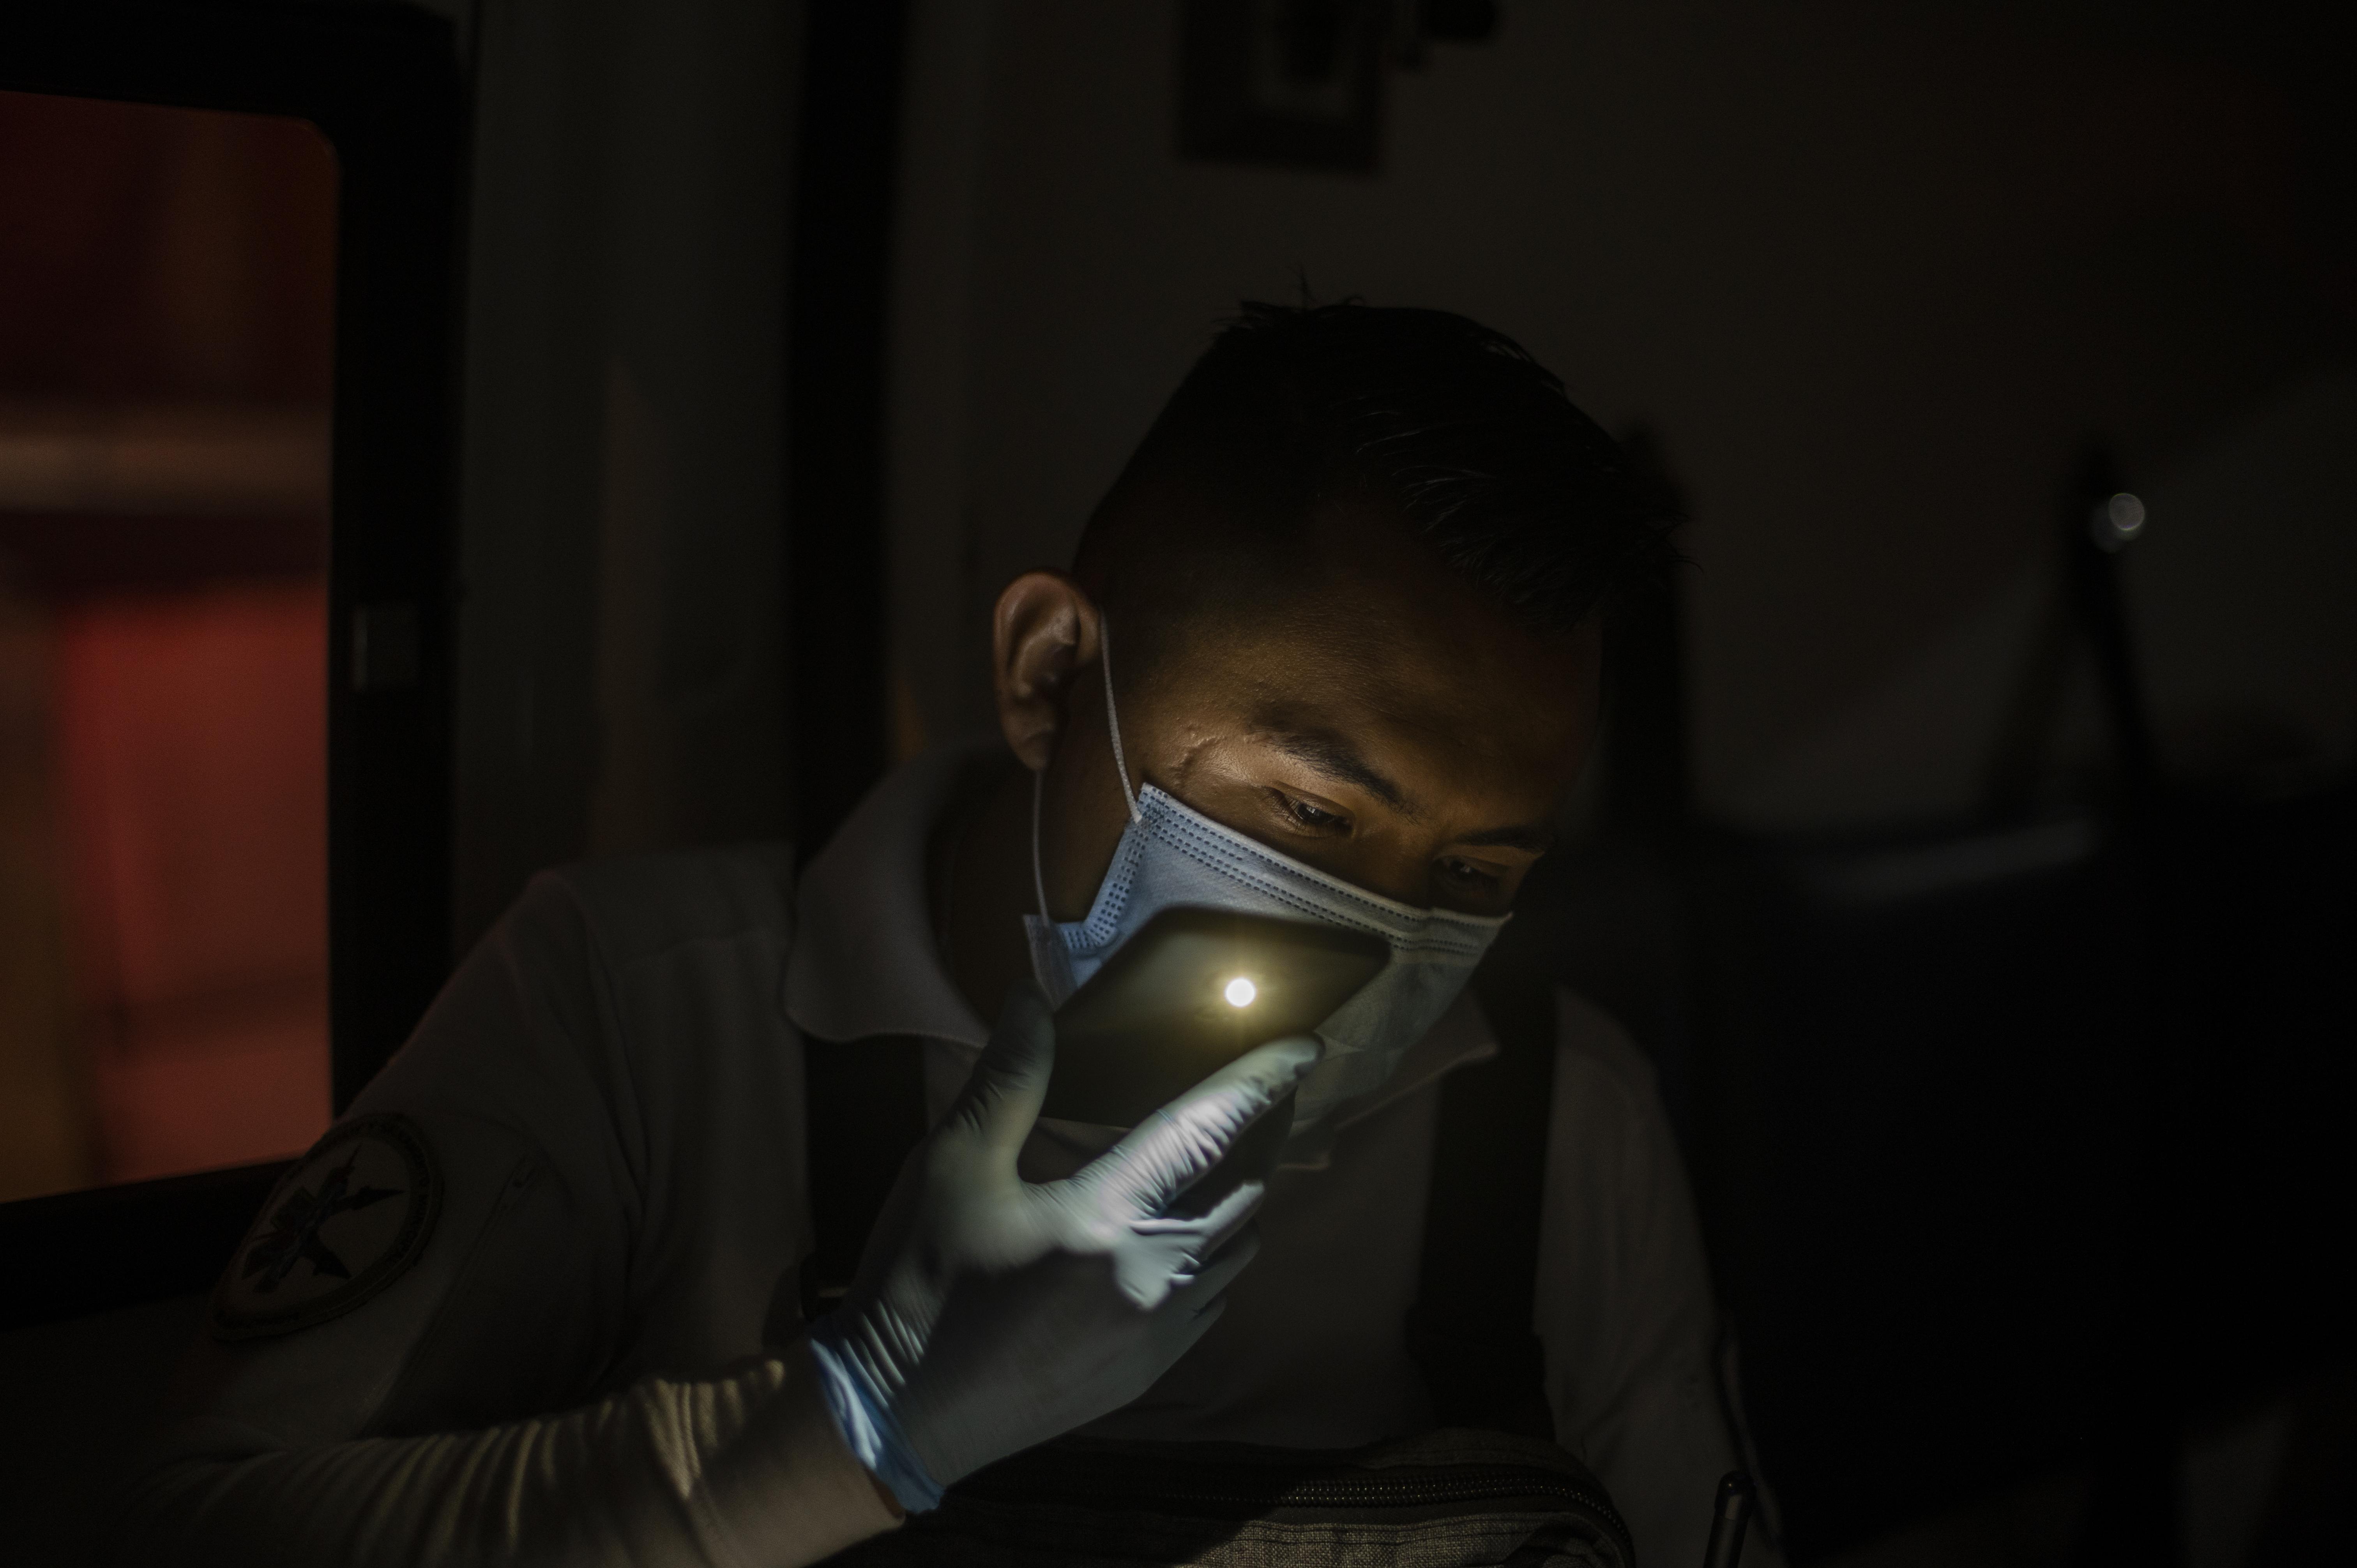 El paramédico Jesús Sholndick, de 29 años, recibe una llamada de ayuda de una anciana con problemas de presión arterial en Ciudad Nezahualcóyotl, Estado de México, México, el 18 de junio de 2020 durante la nueva pandemia de coronavirus COVID-19. (Foto por Pedro PARDO / AFP)